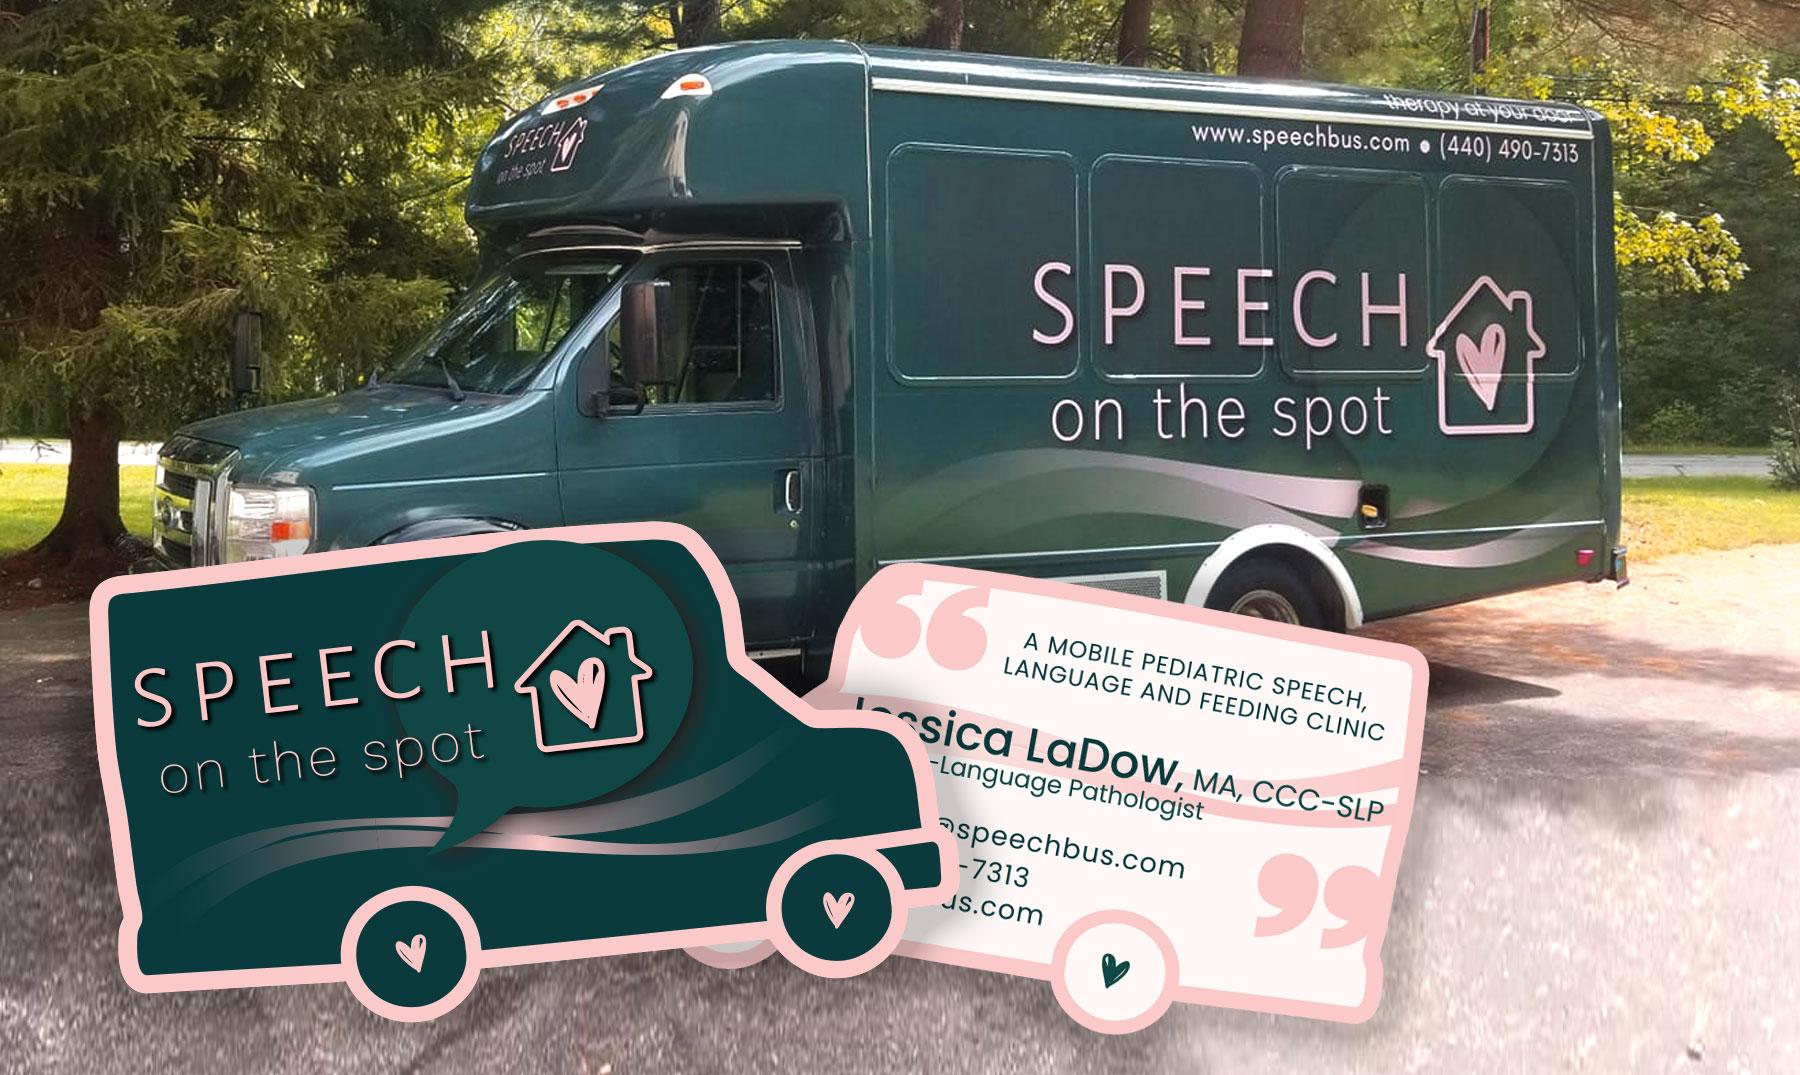 Speech Bus, Speech on the spot shaped die cut business cards